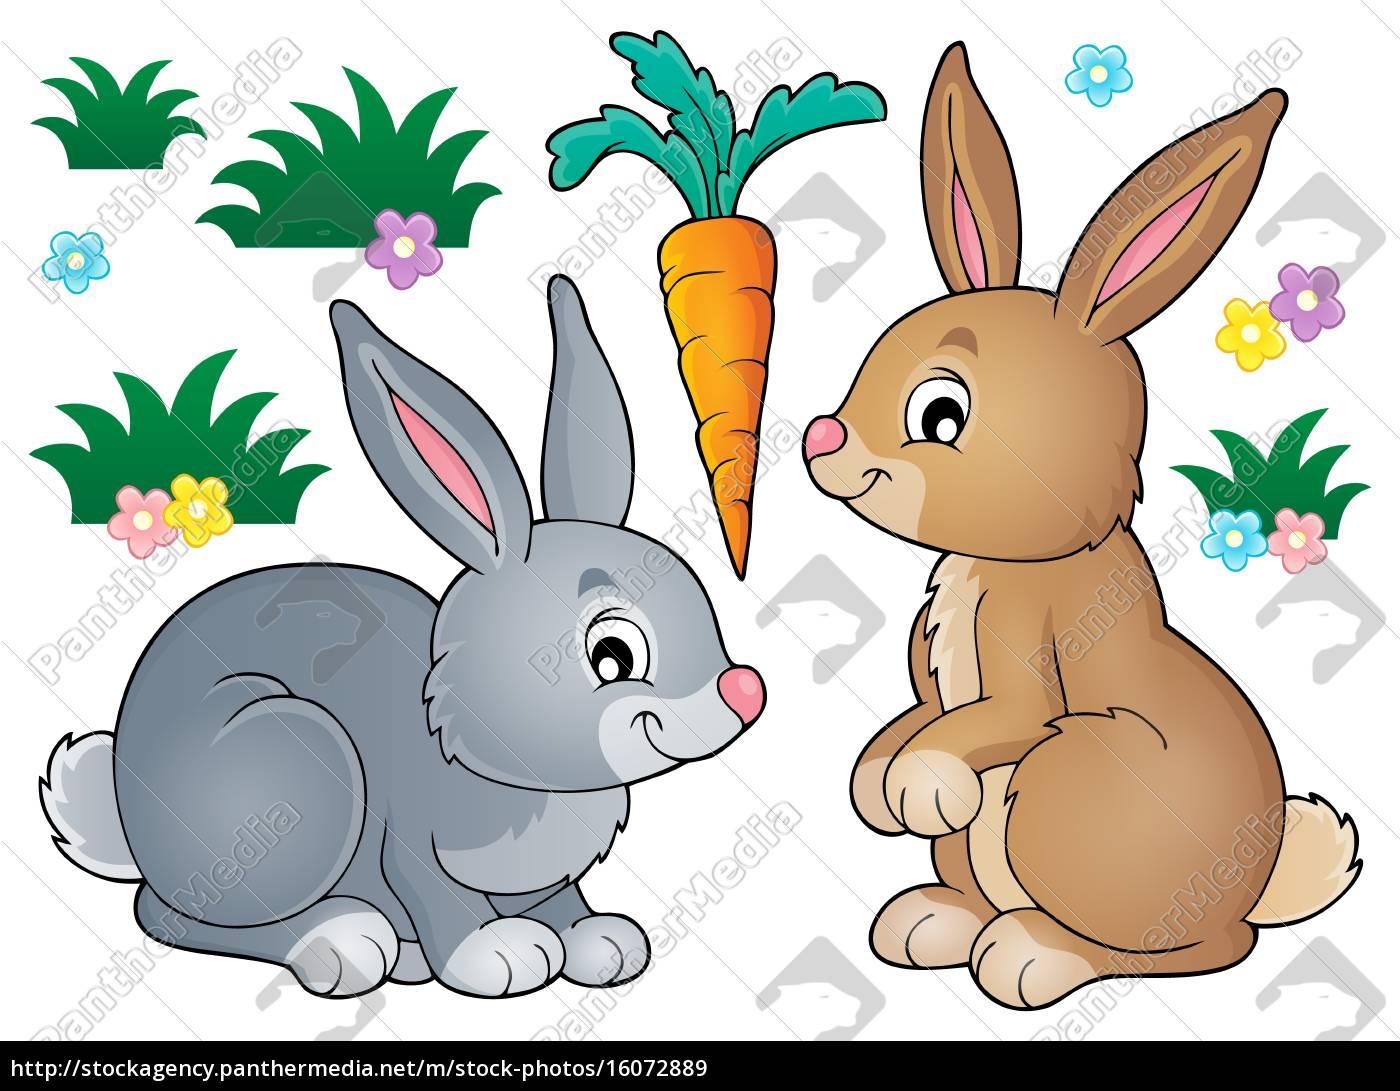 immagine, dell'argomento, coniglio, 1 - 16072889